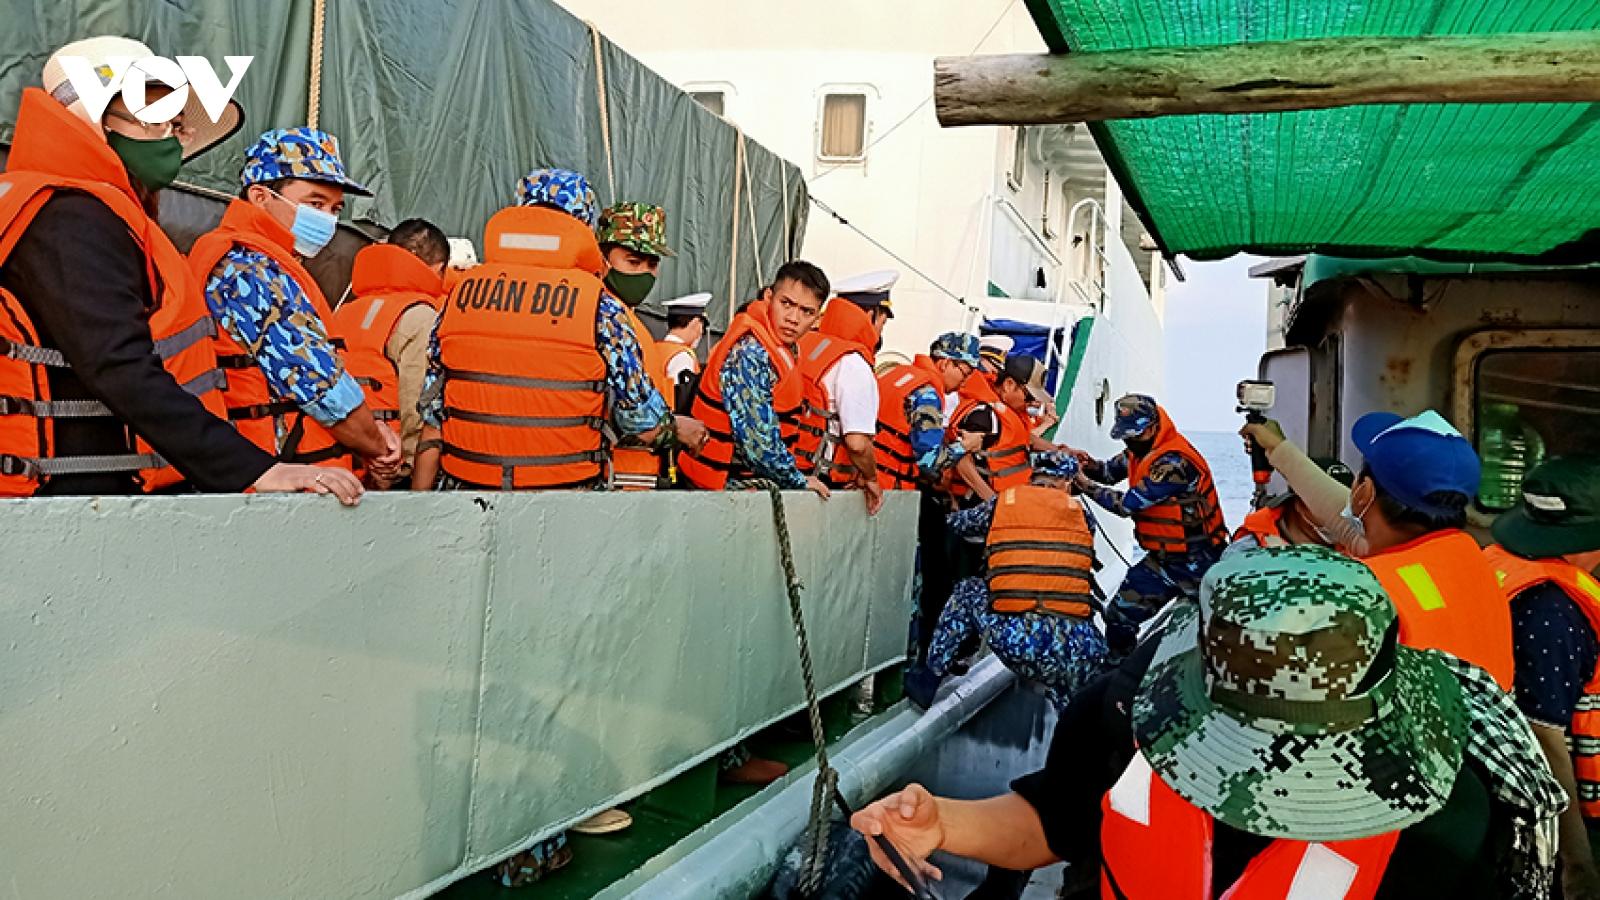 Chuyến thăm và chúc tết trên cụm đảo Tây Nam thành công, an toàn tuyệt đối